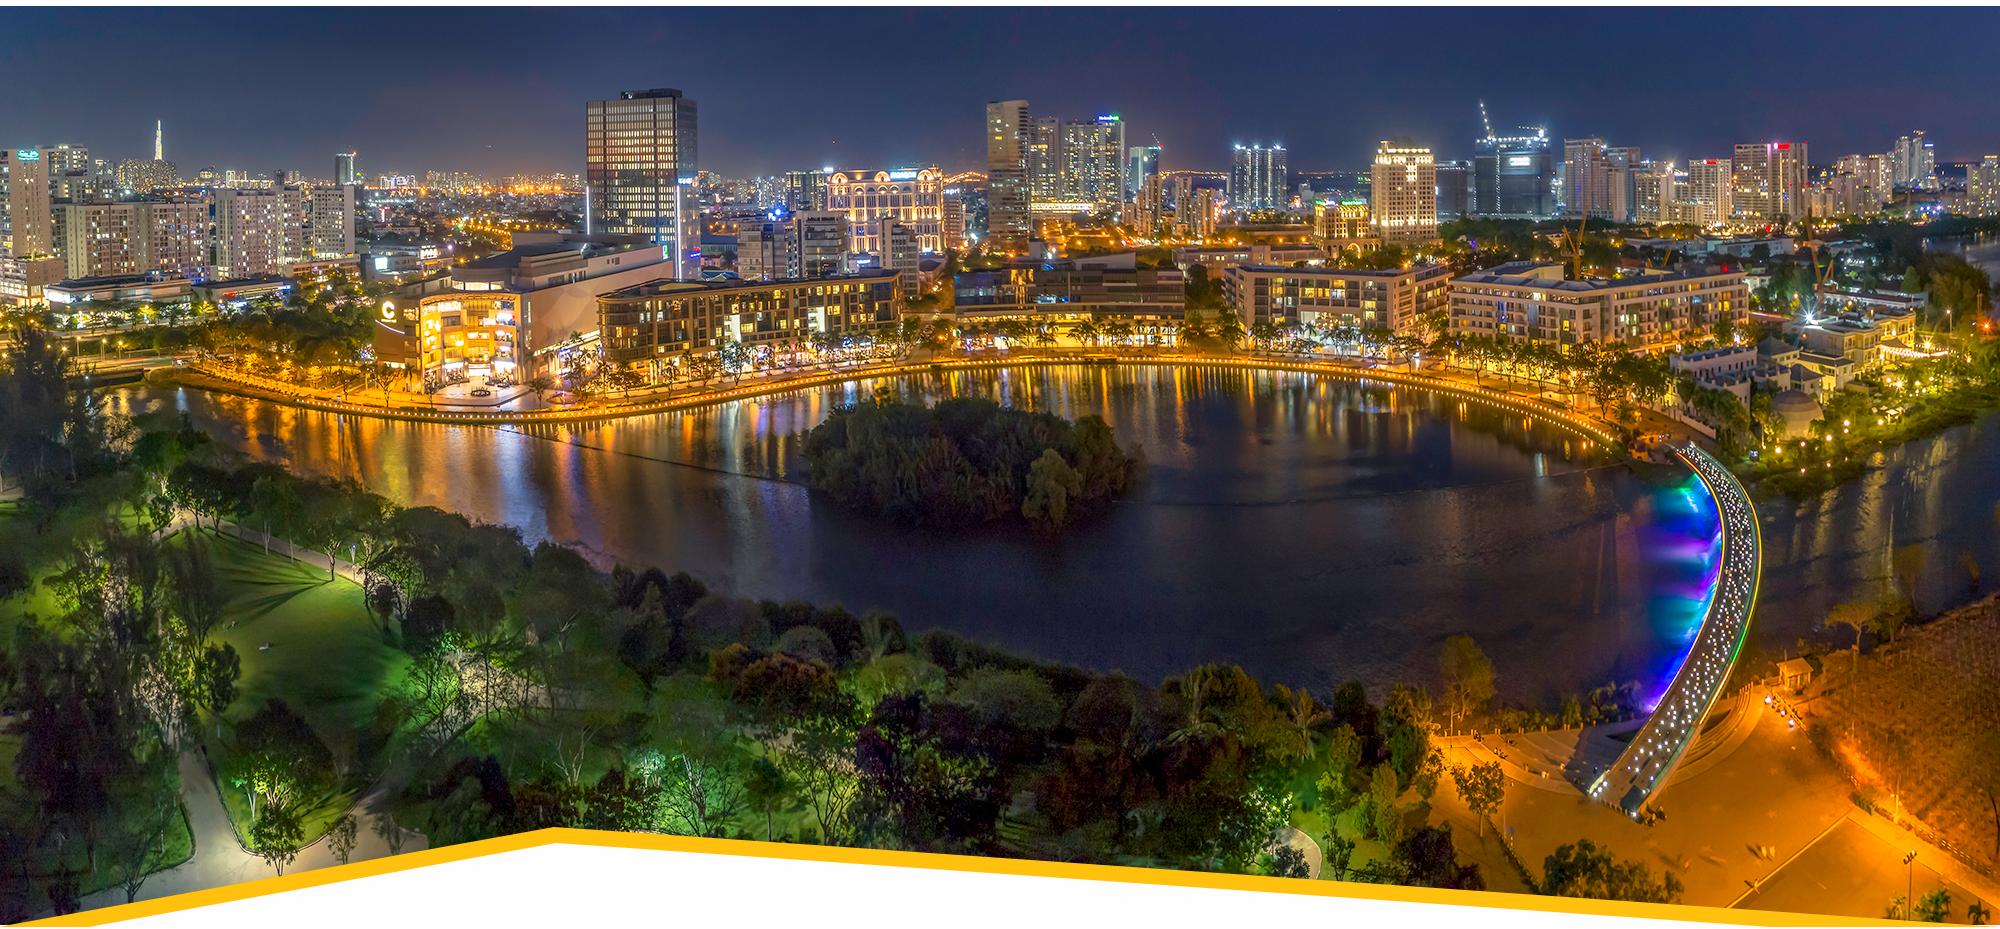 Dự án khu phức hợp ven sông lớn nhất Phú Mỹ Hưng chỉ còn 10% sản phẩm dành cho giới thượng lưu - Ảnh 6.